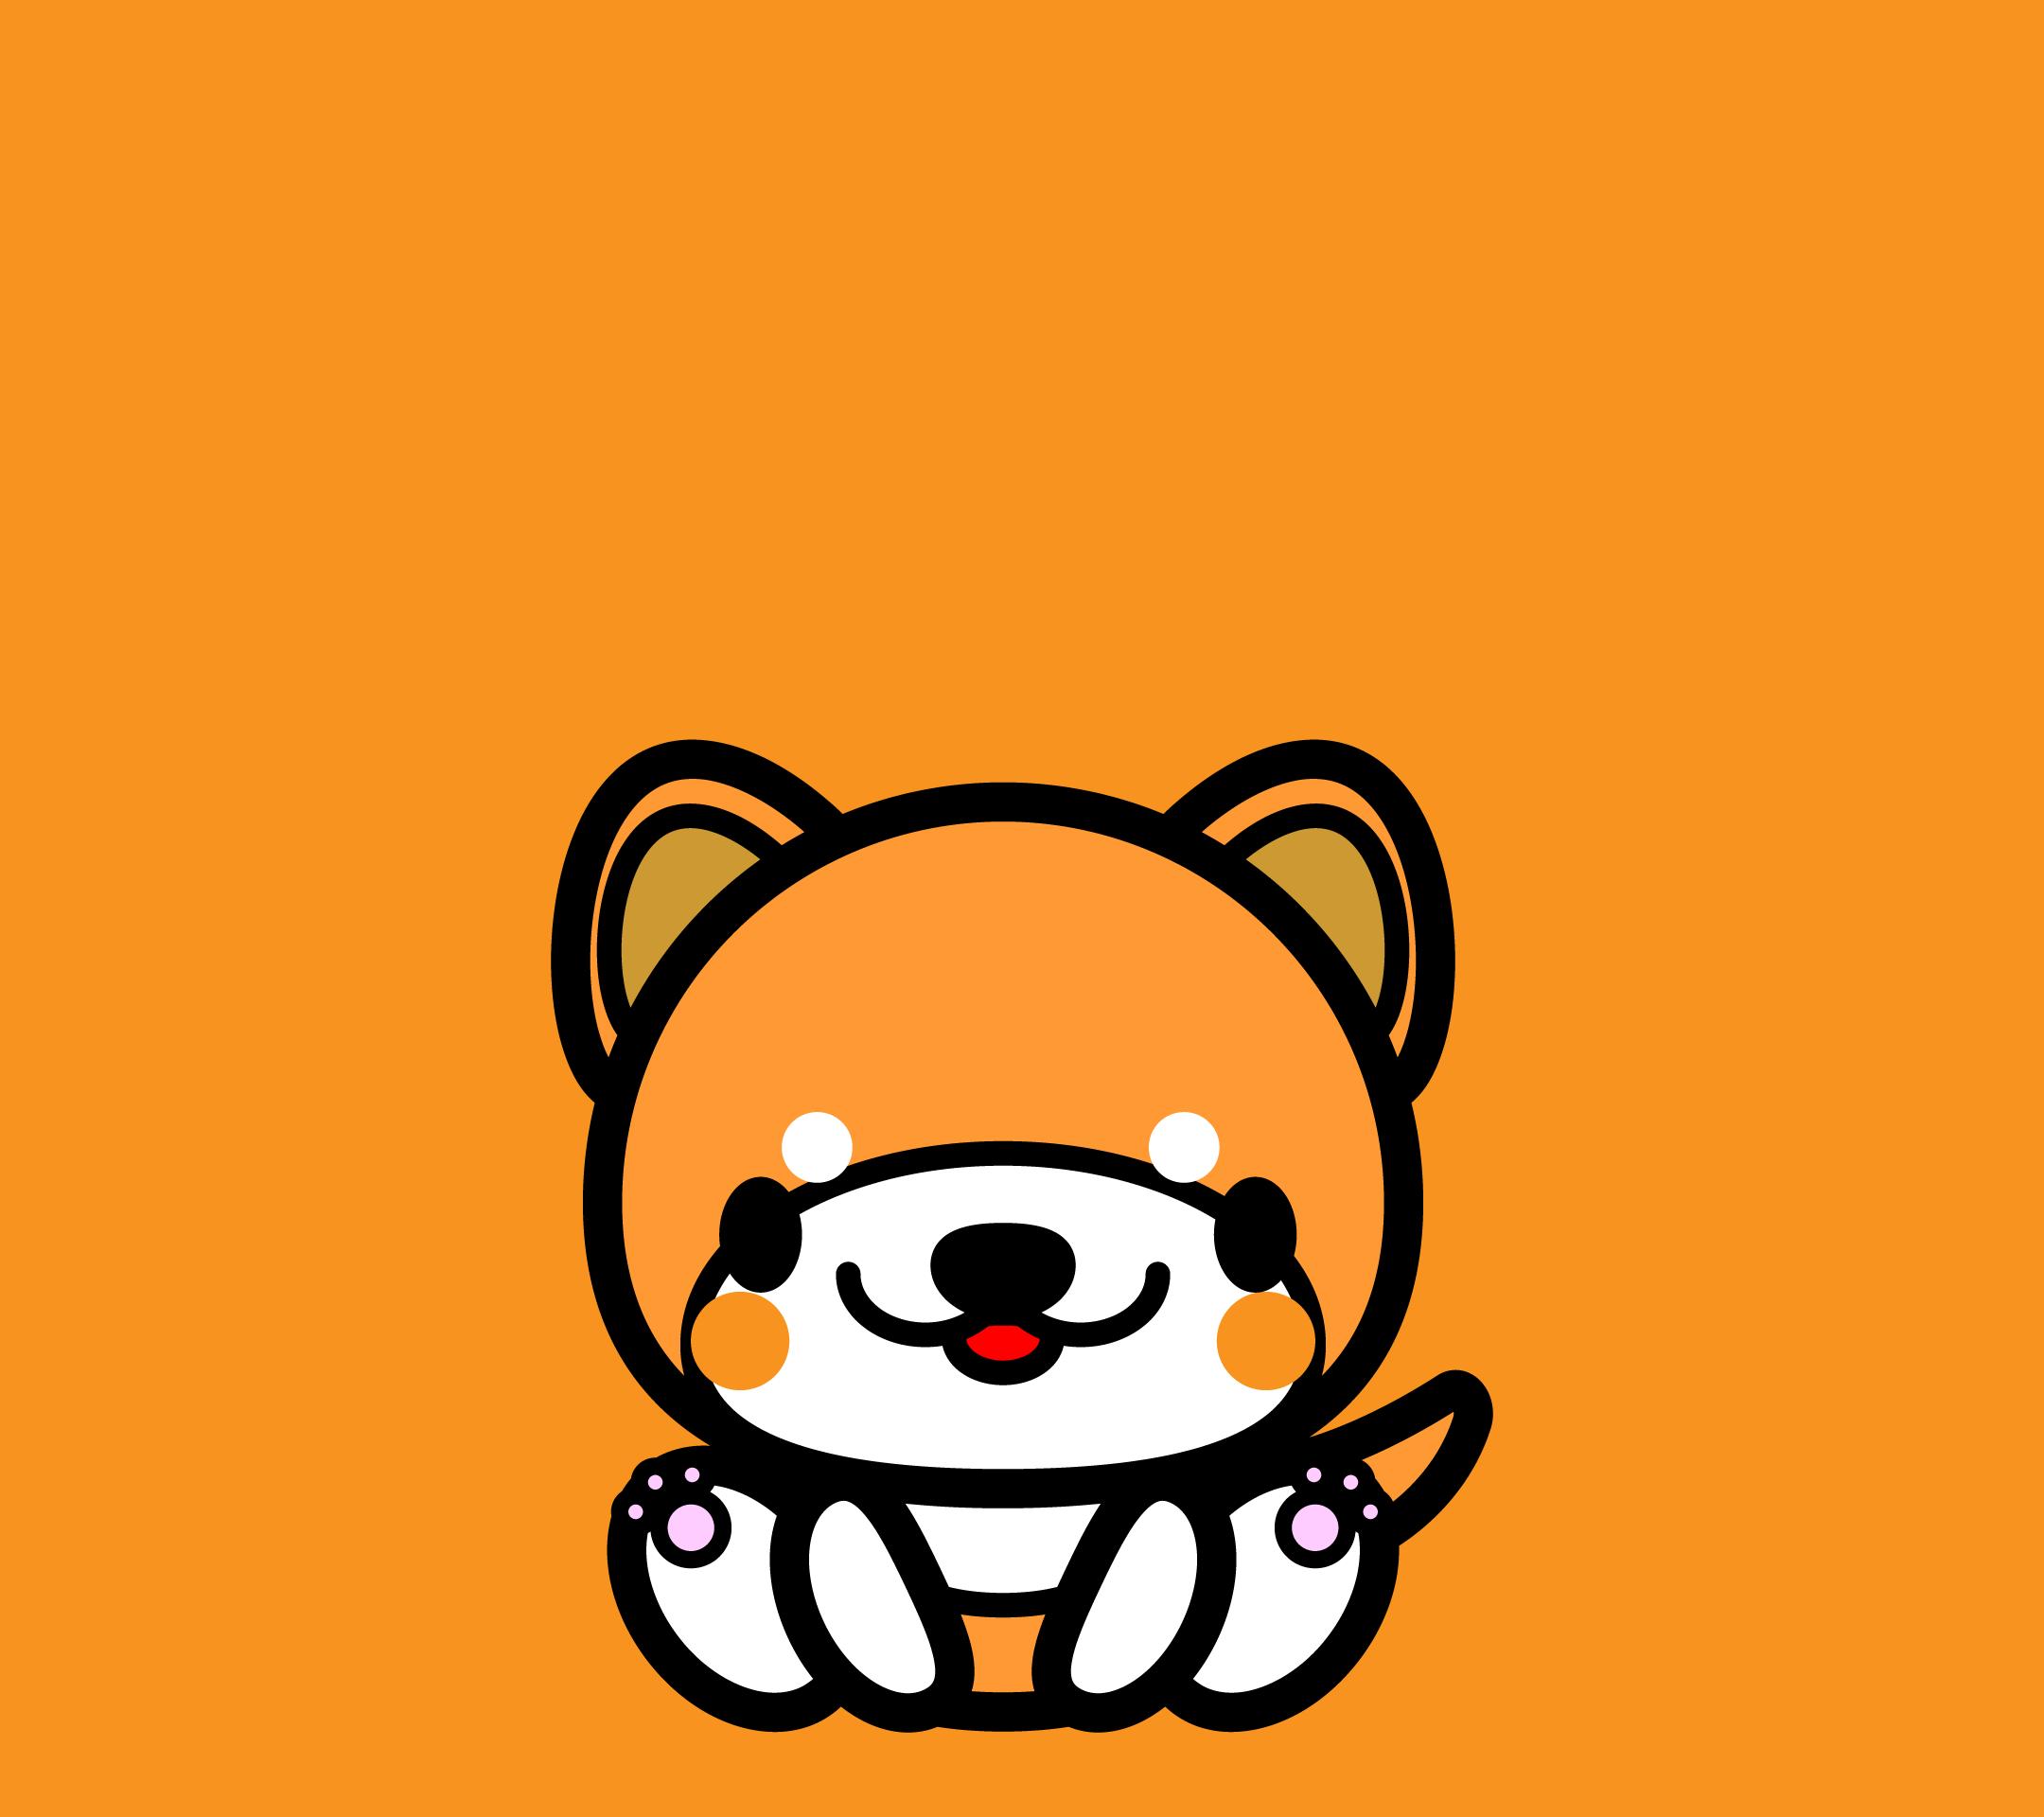 かわいい座り秋田犬壁紙(Android)の無料イラスト・商用フリー